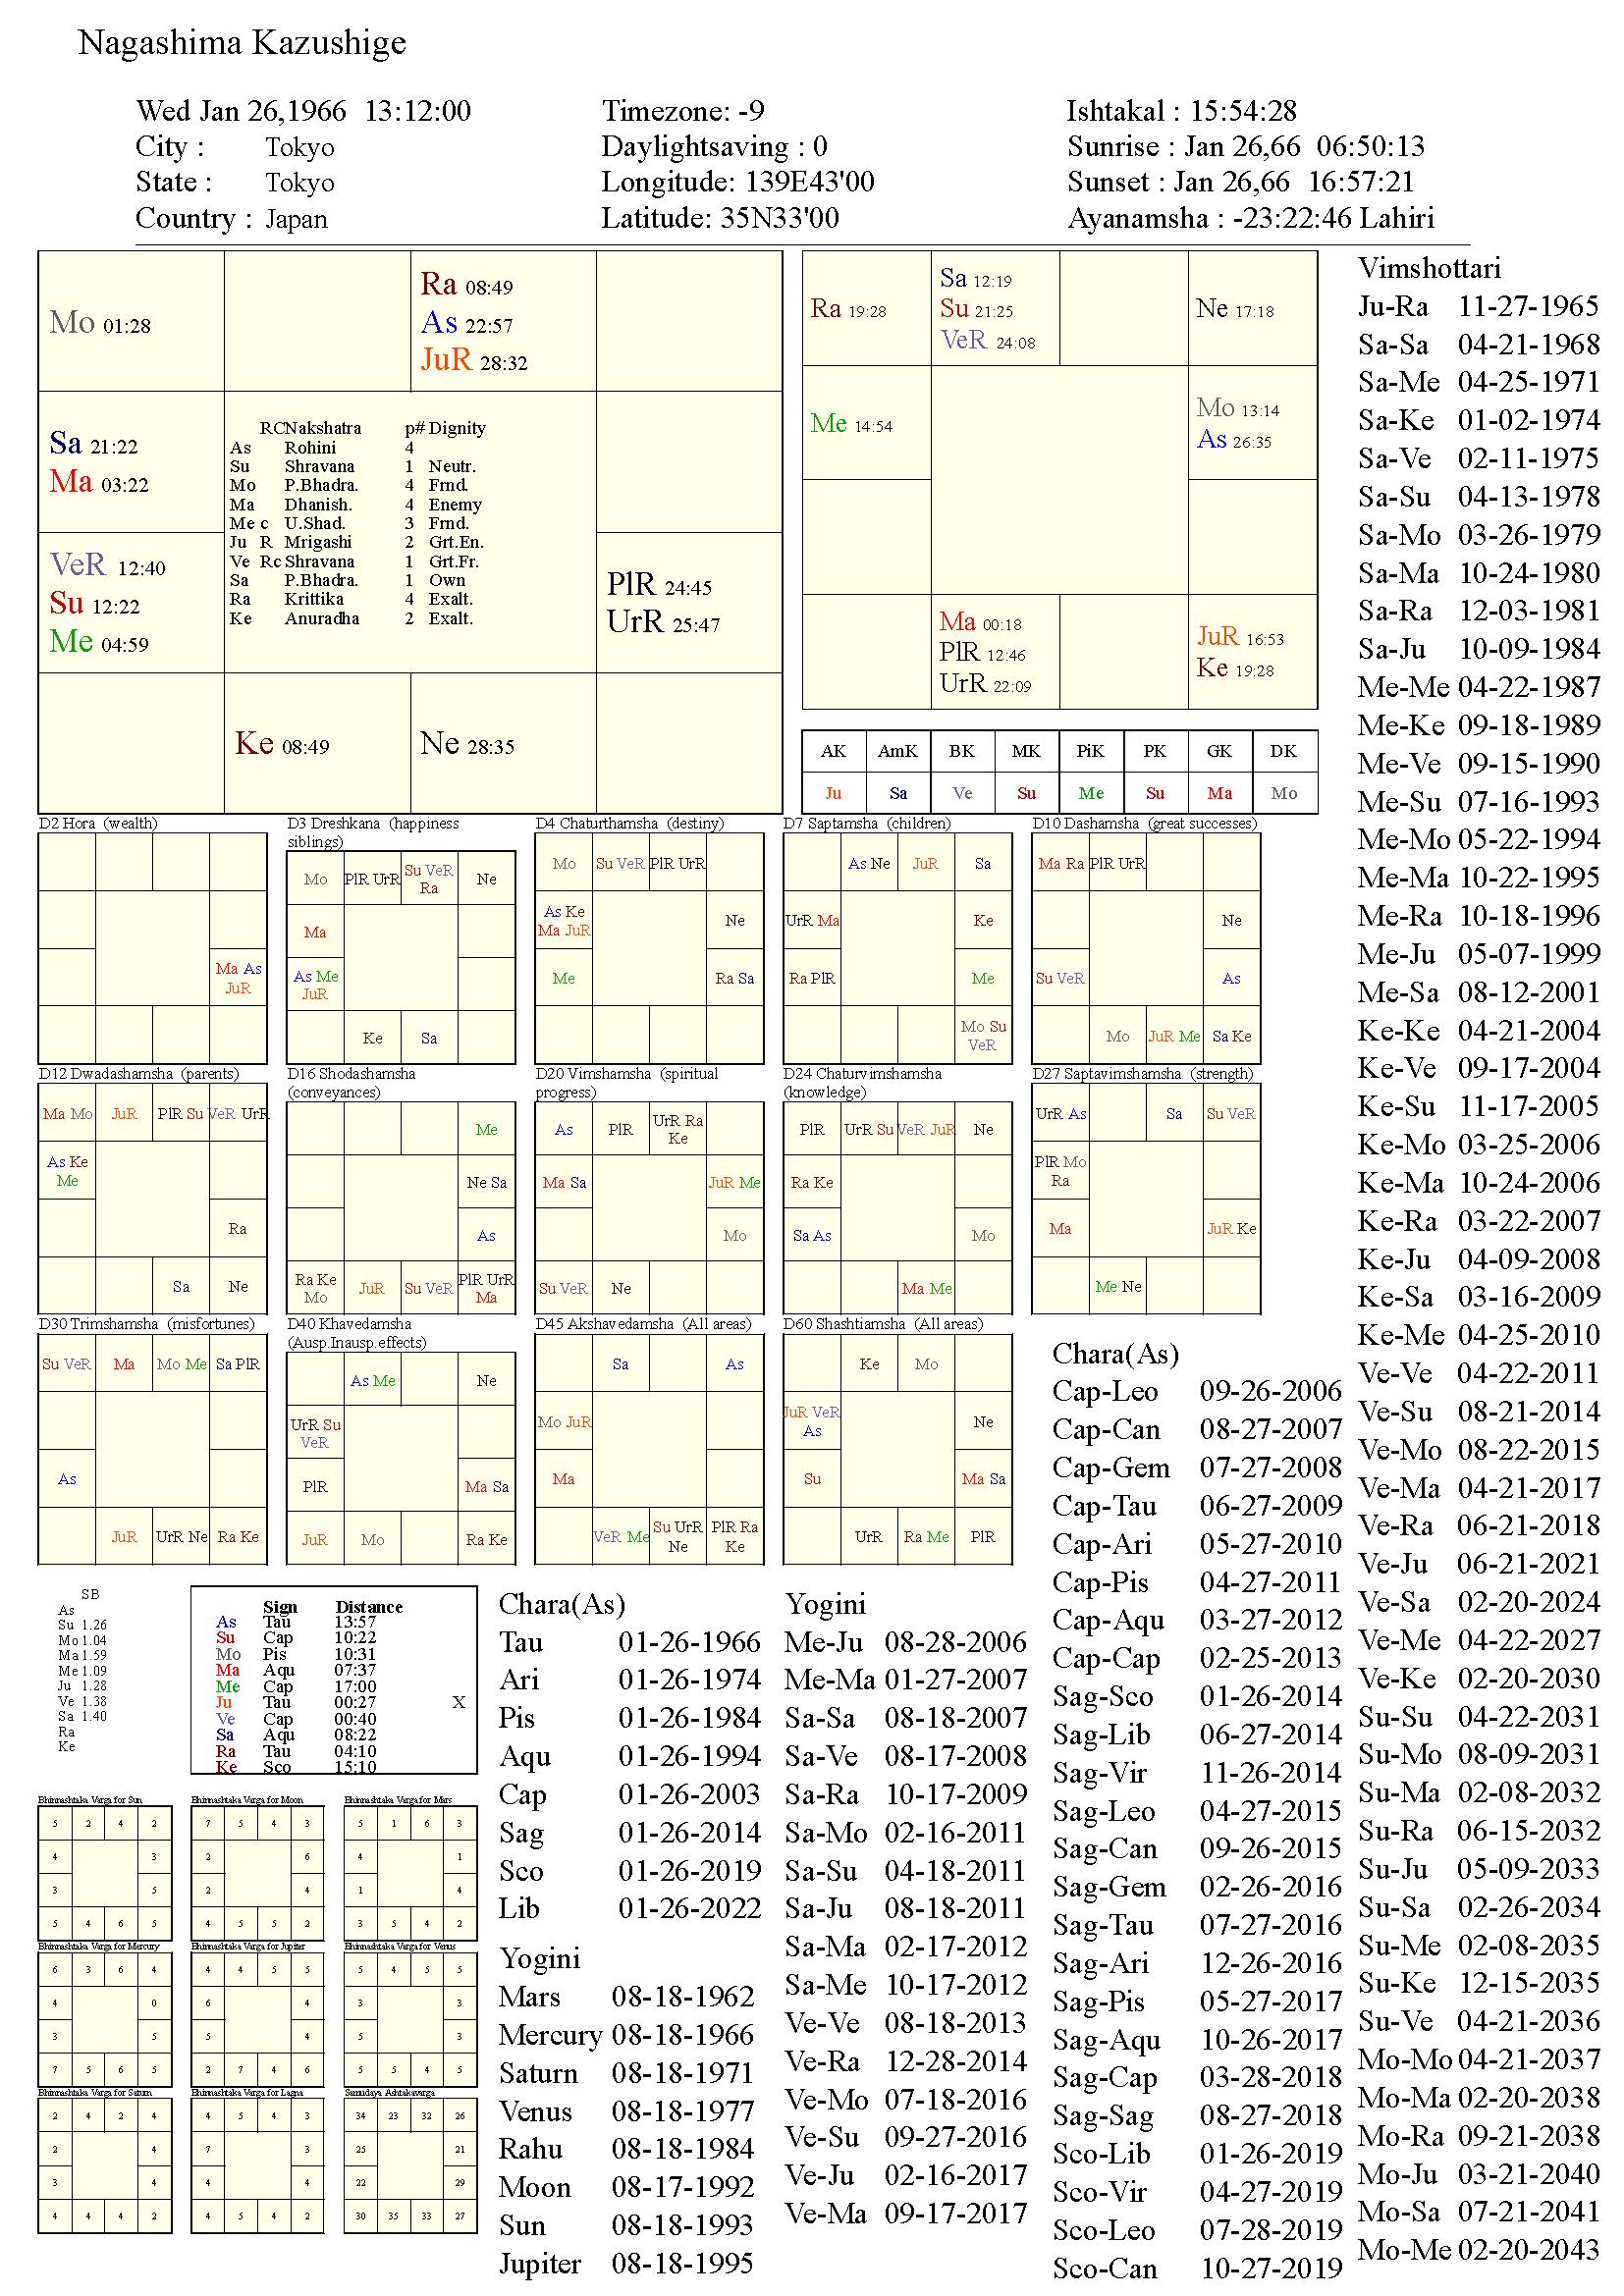 nagashimakazushige_chart